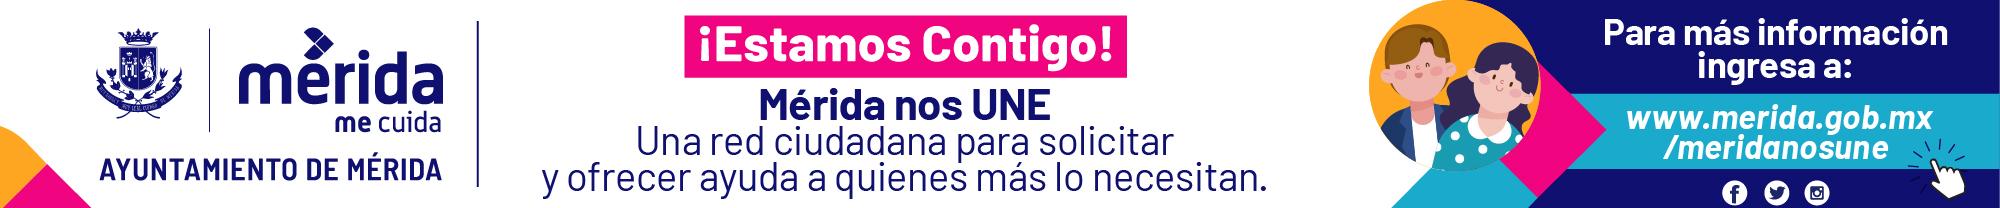 Banner Merida Nos Une_Revista Rural 960 x 100 px